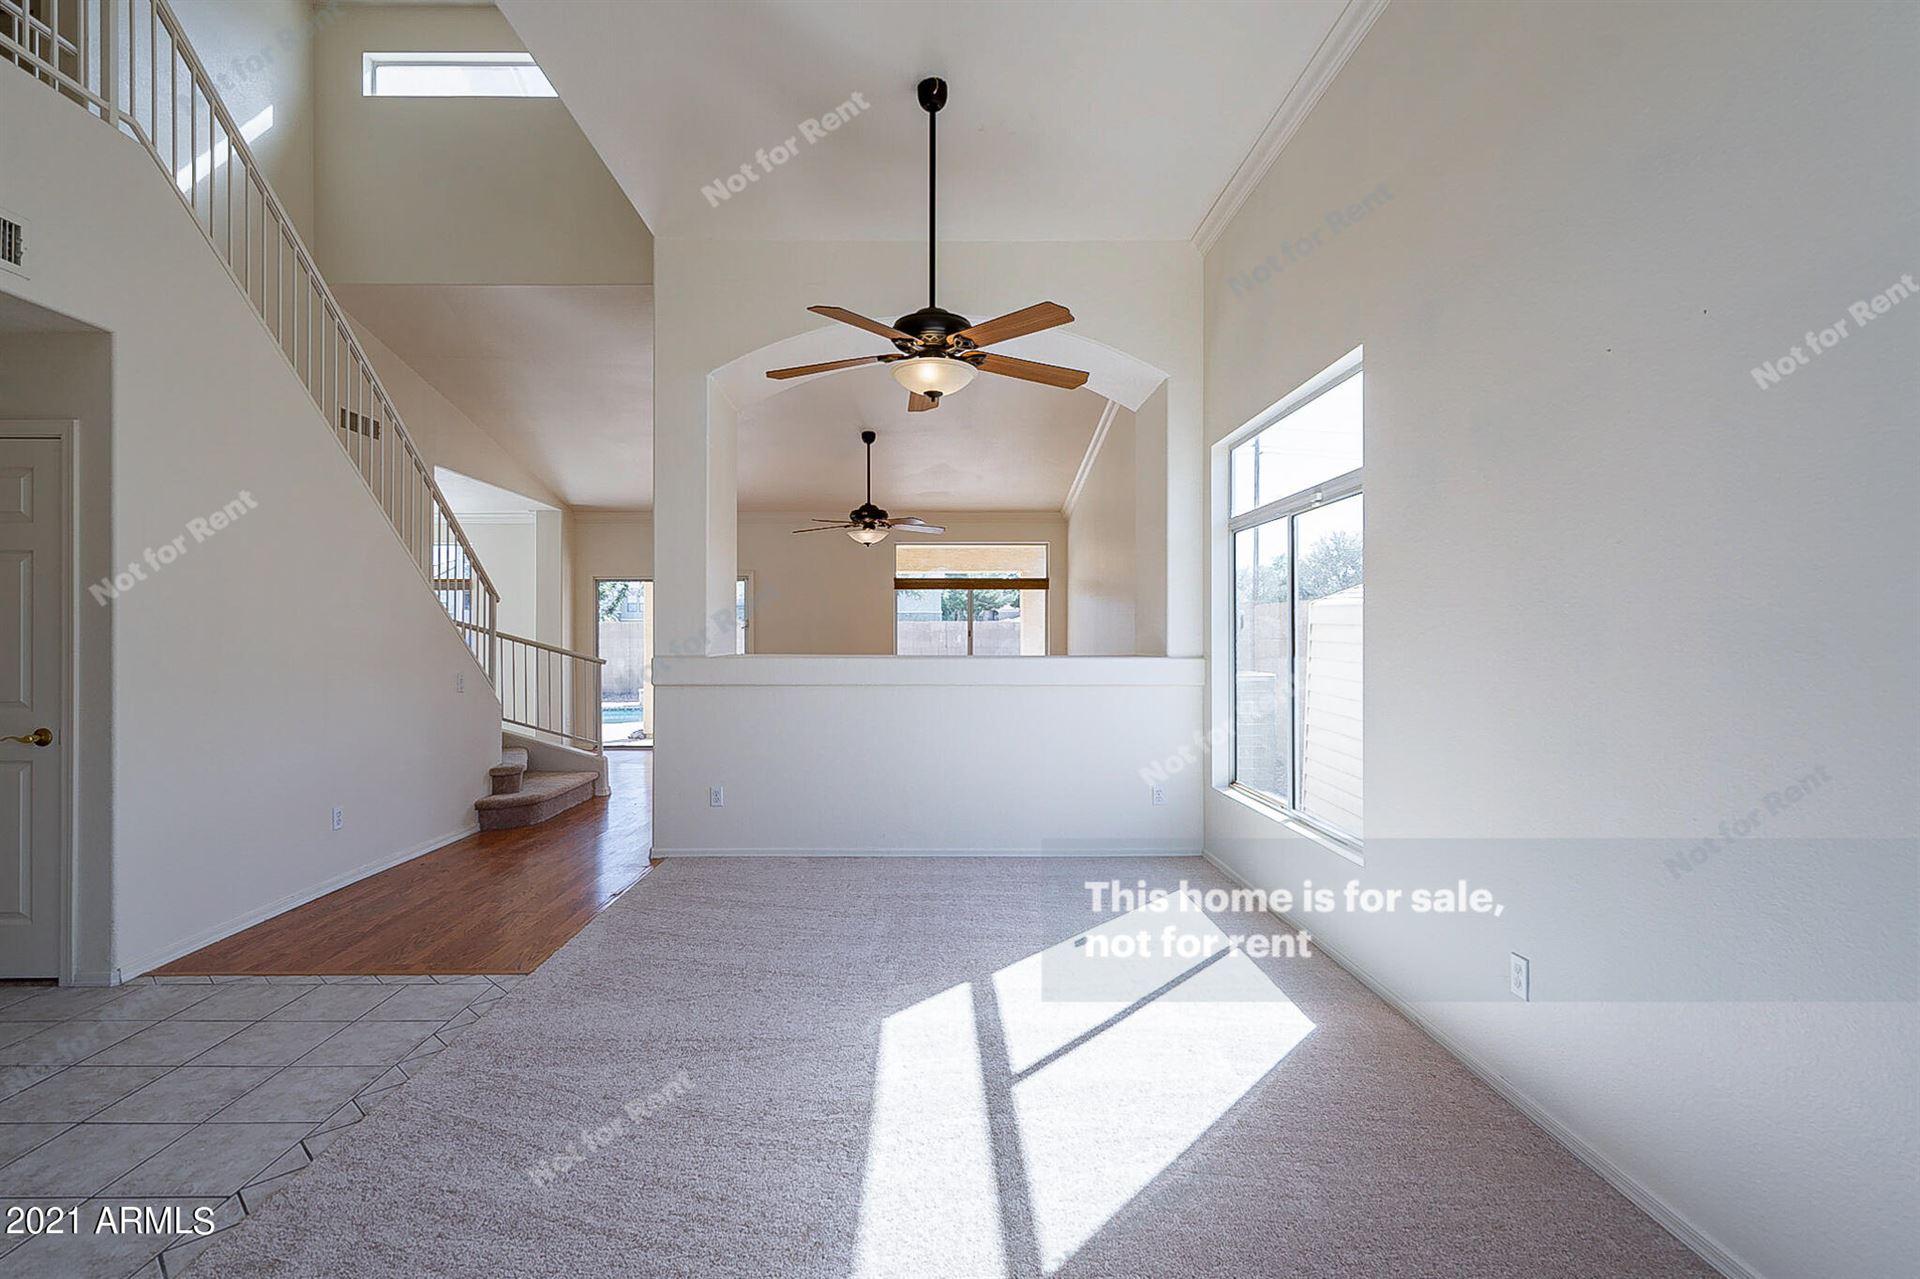 Photo of 1223 W KESLER Lane, Chandler, AZ 85224 (MLS # 6307652)